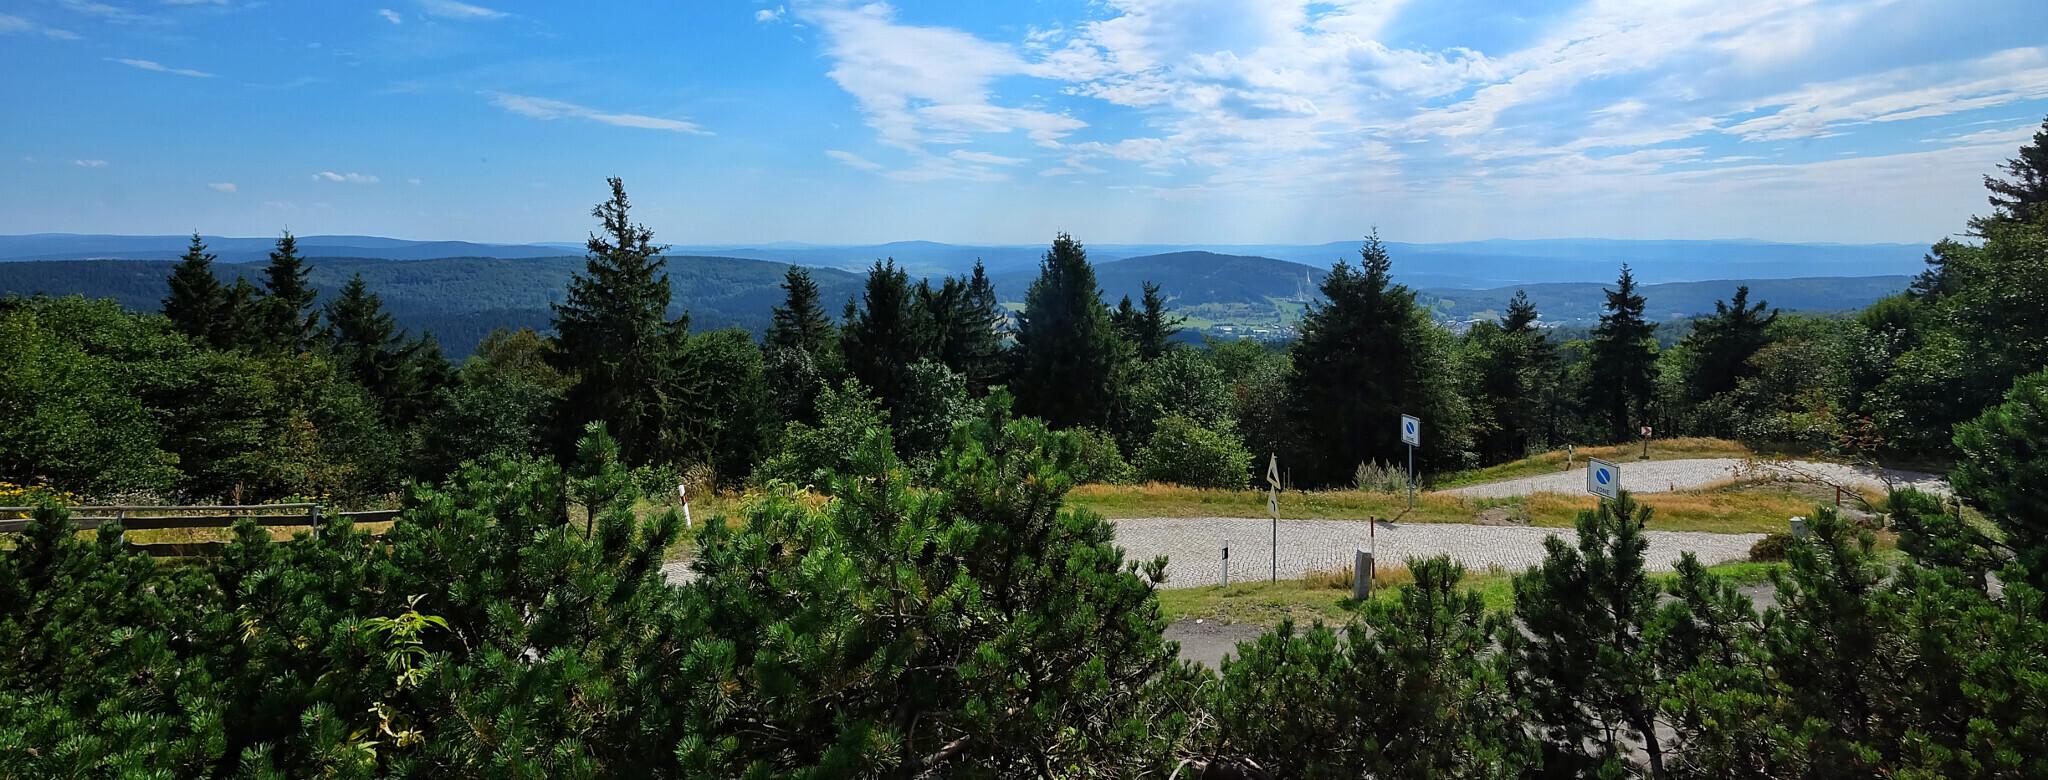 ... und die Gipfel des Thüringer Waldes